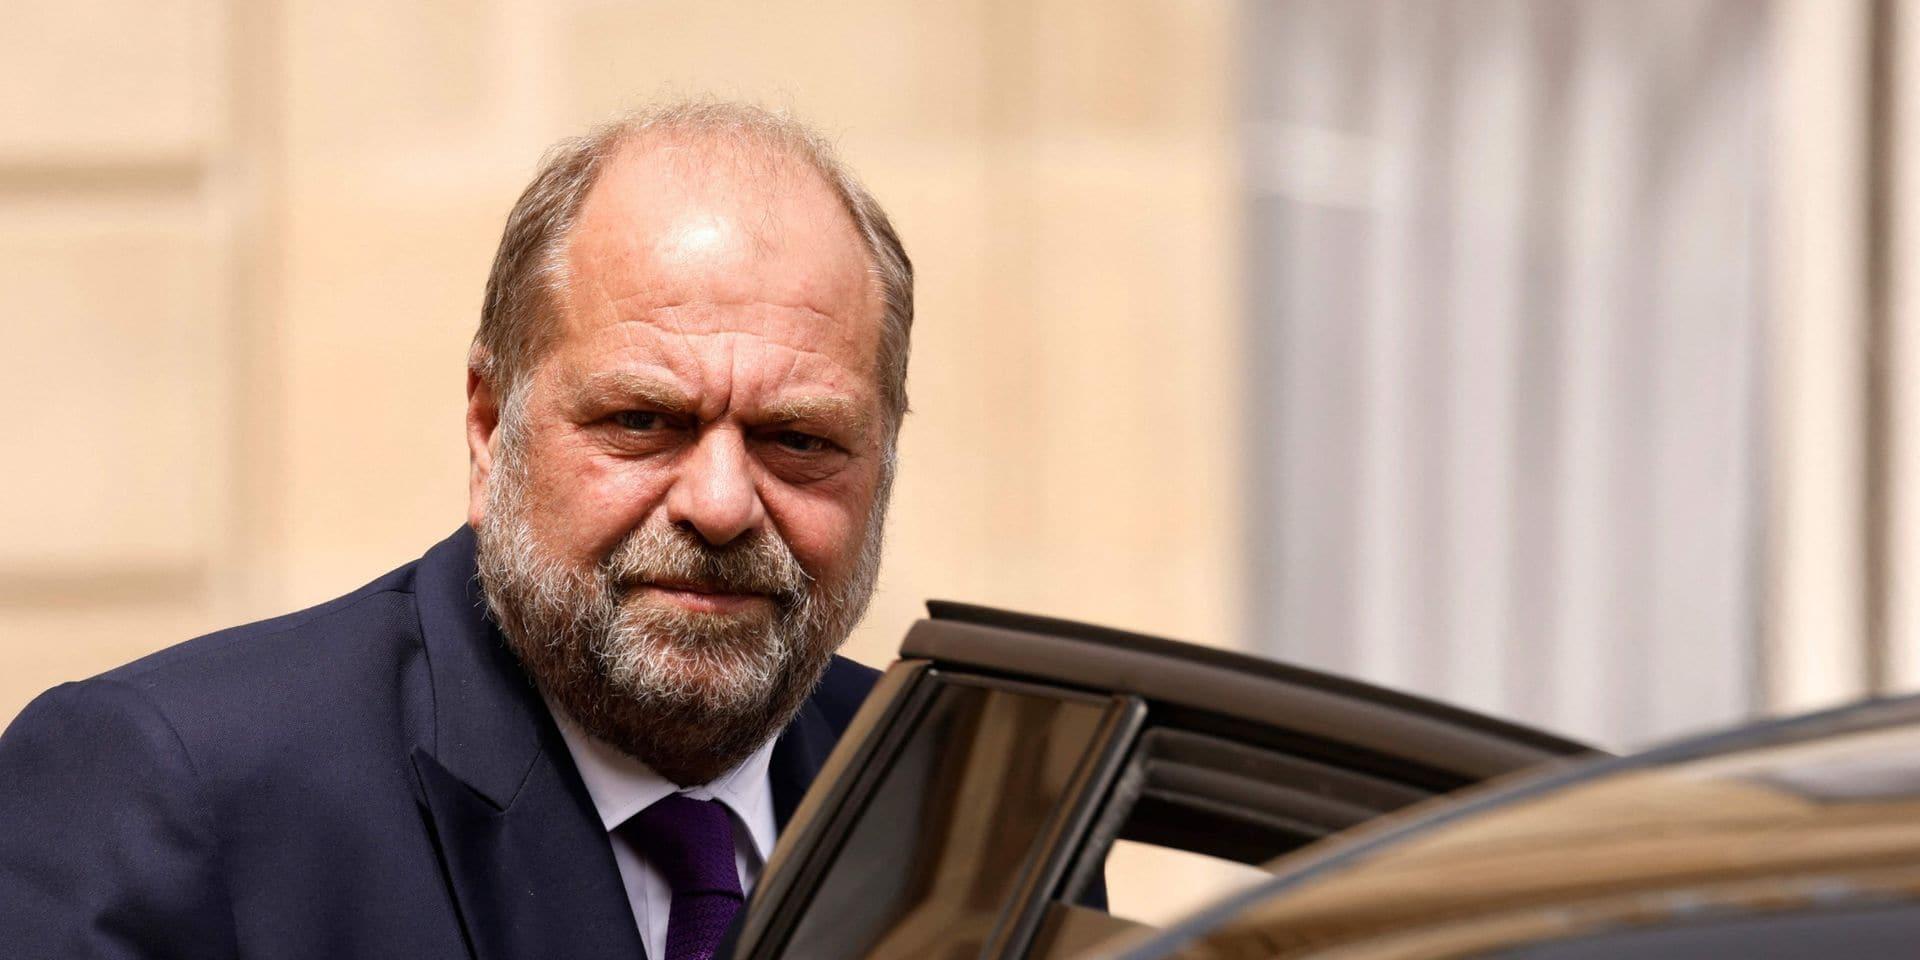 Soupçons de conflits d'intérêts: Dupond-Moretti attendu par les juges